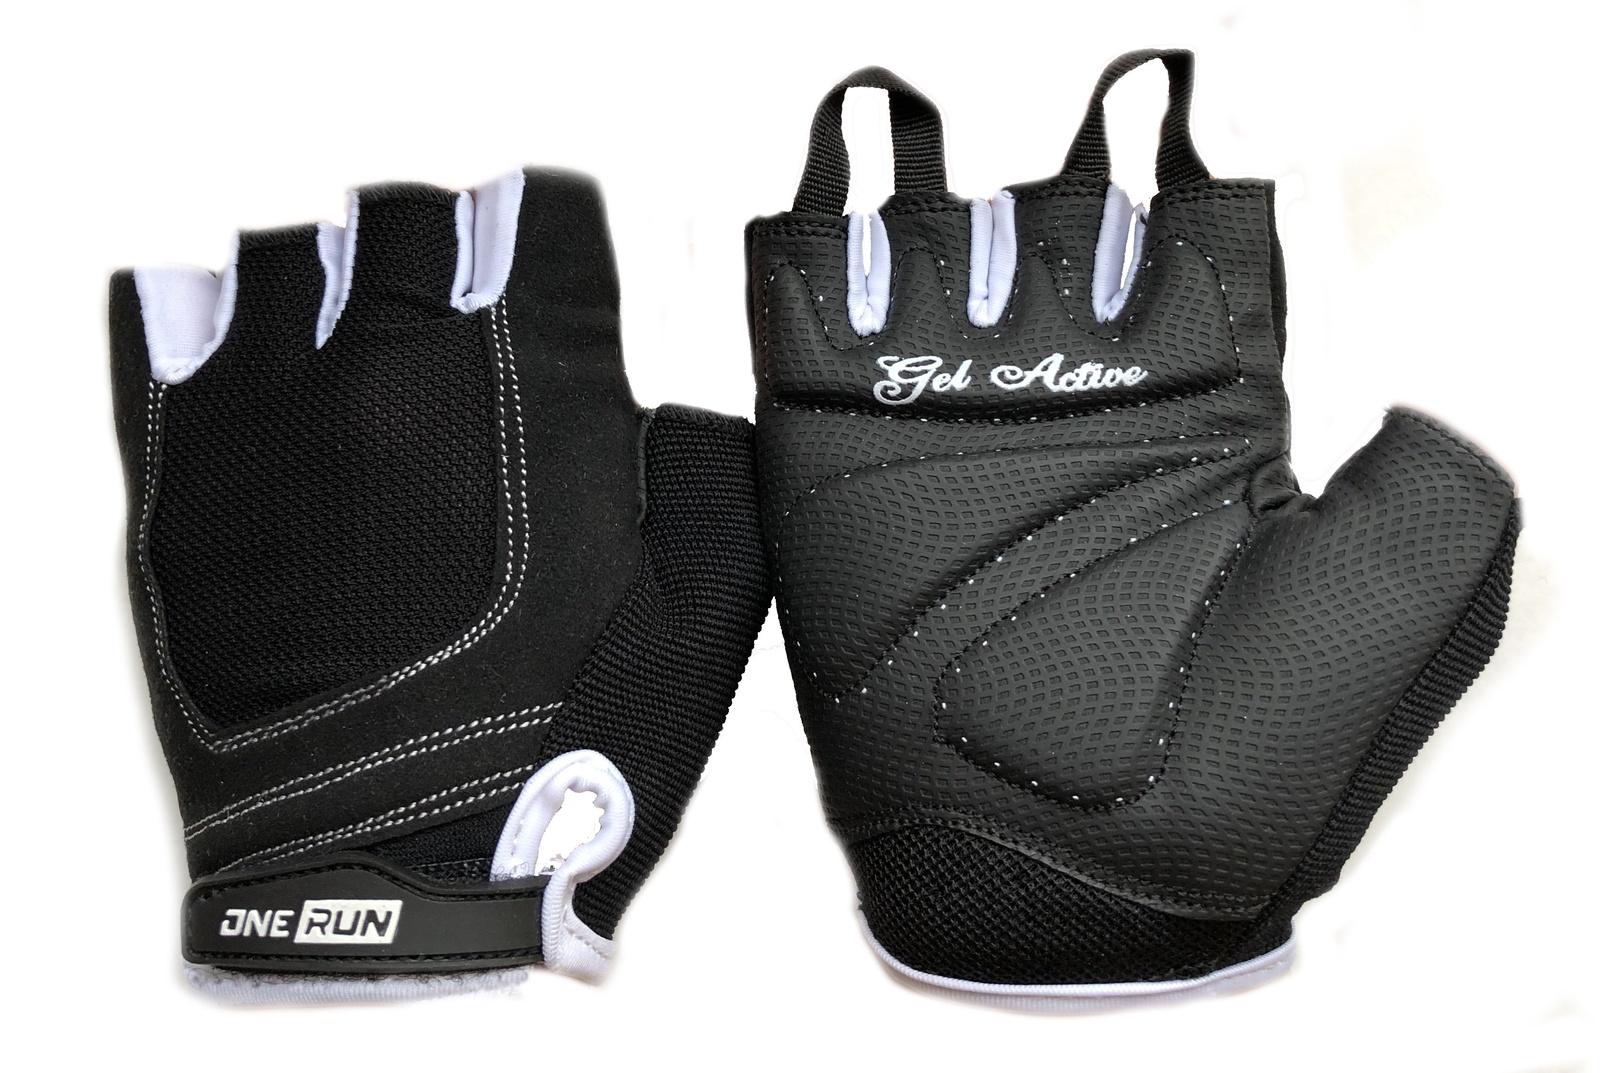 цена на Перчатки для фитнеса OneRun женские гелевые, AI-05-786-XS, белый, черный, размер XS